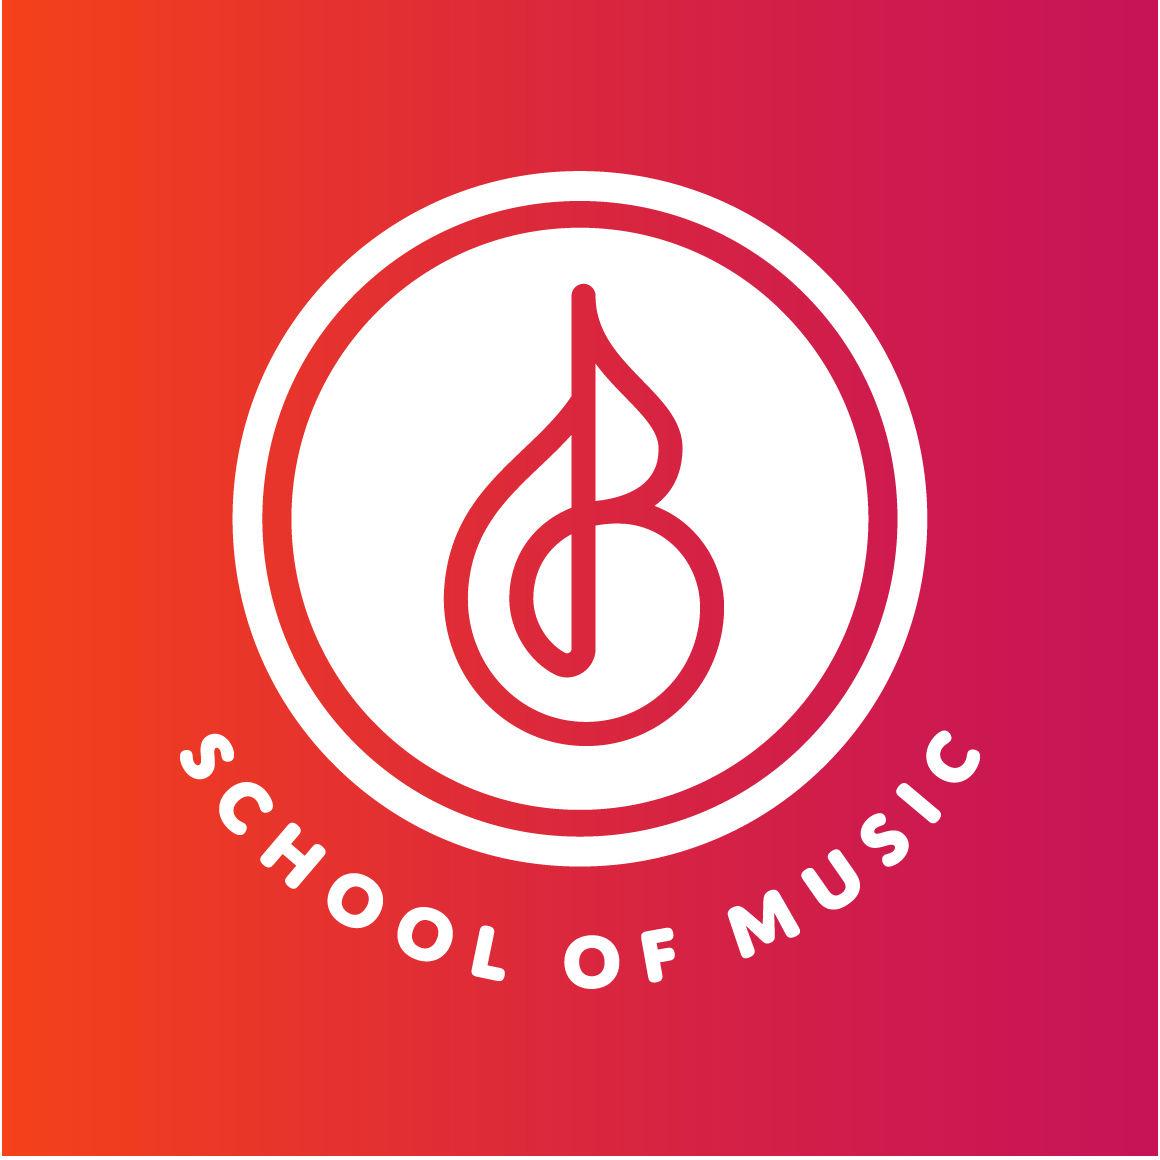 Bloomingdale School of Music Virtual Spring #JustForFun Events